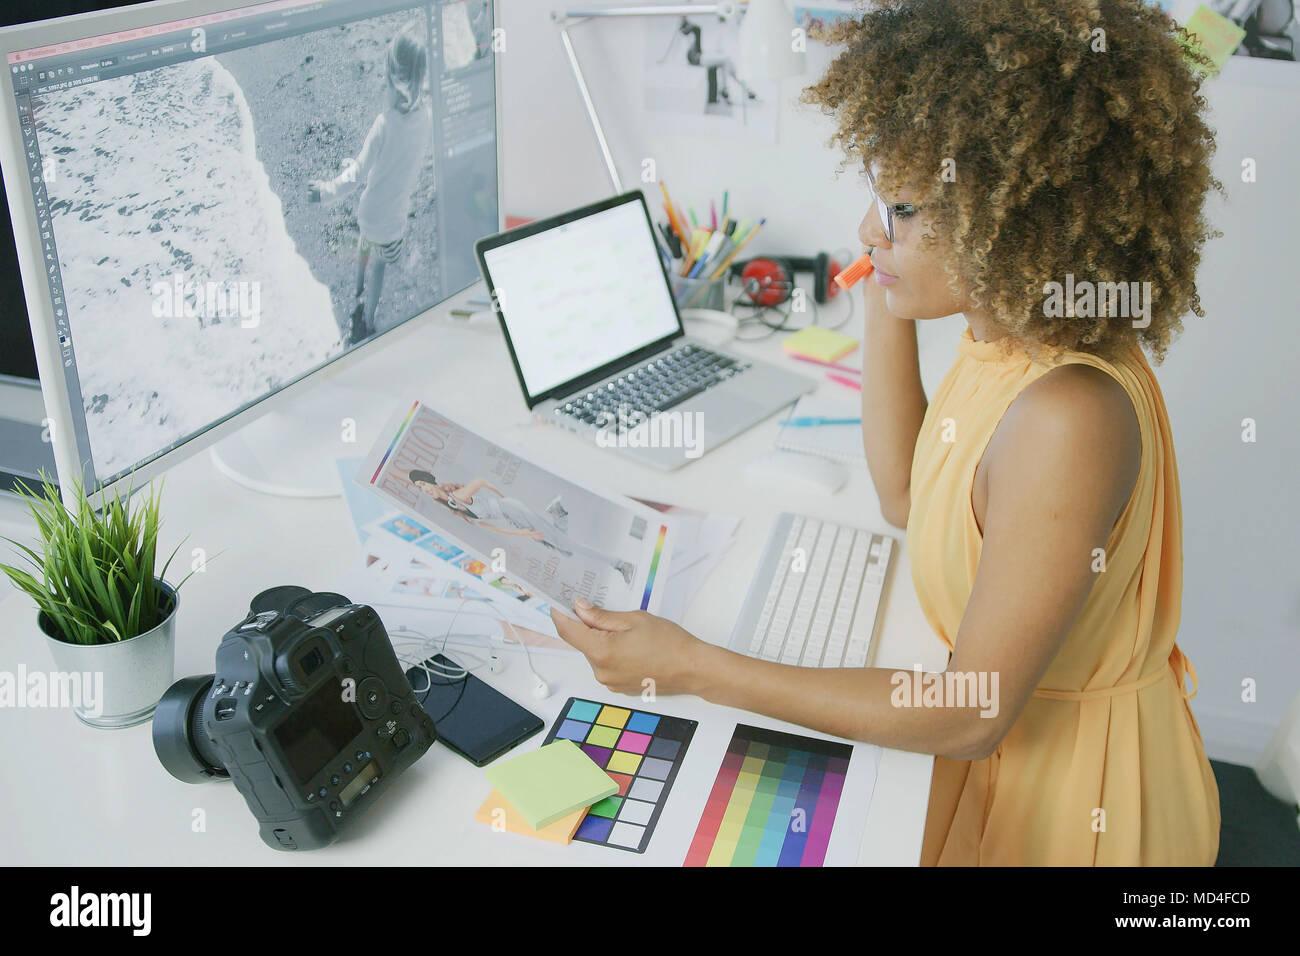 L'éditeur de photos exploration pensive Photo Stock